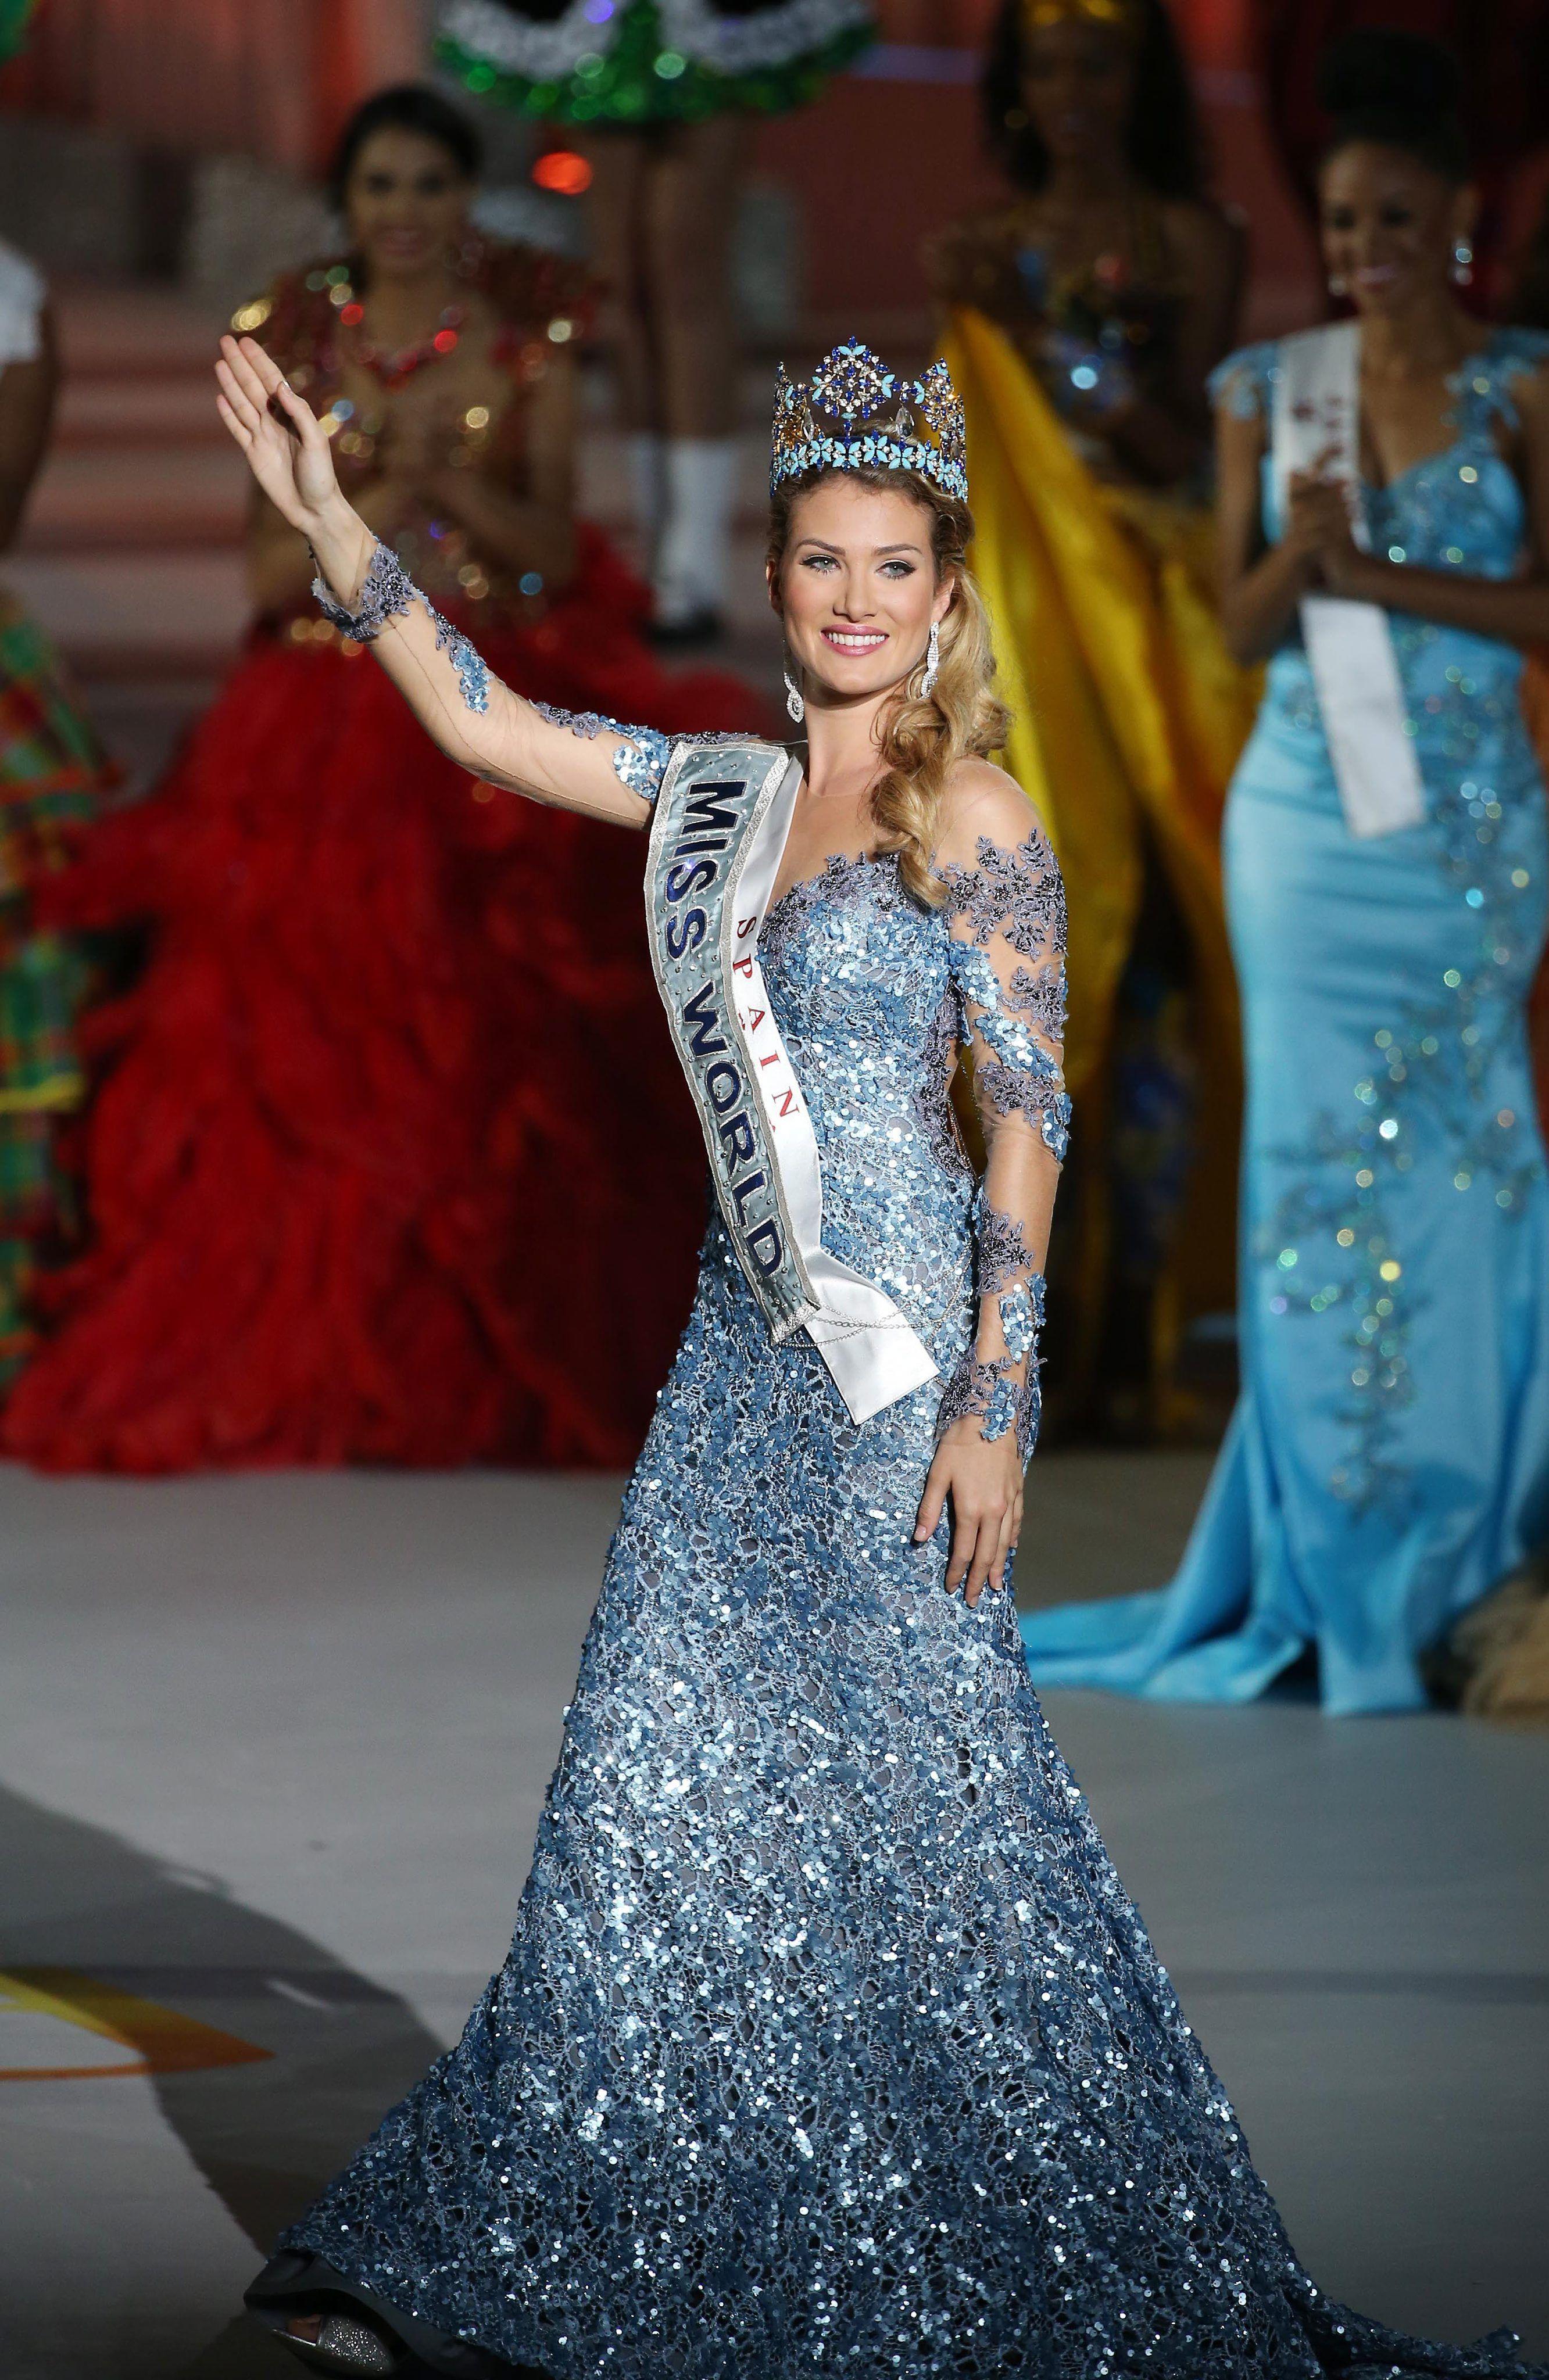 Eligieron a una española como Miss Mundo: El jurado vio mi belleza interior